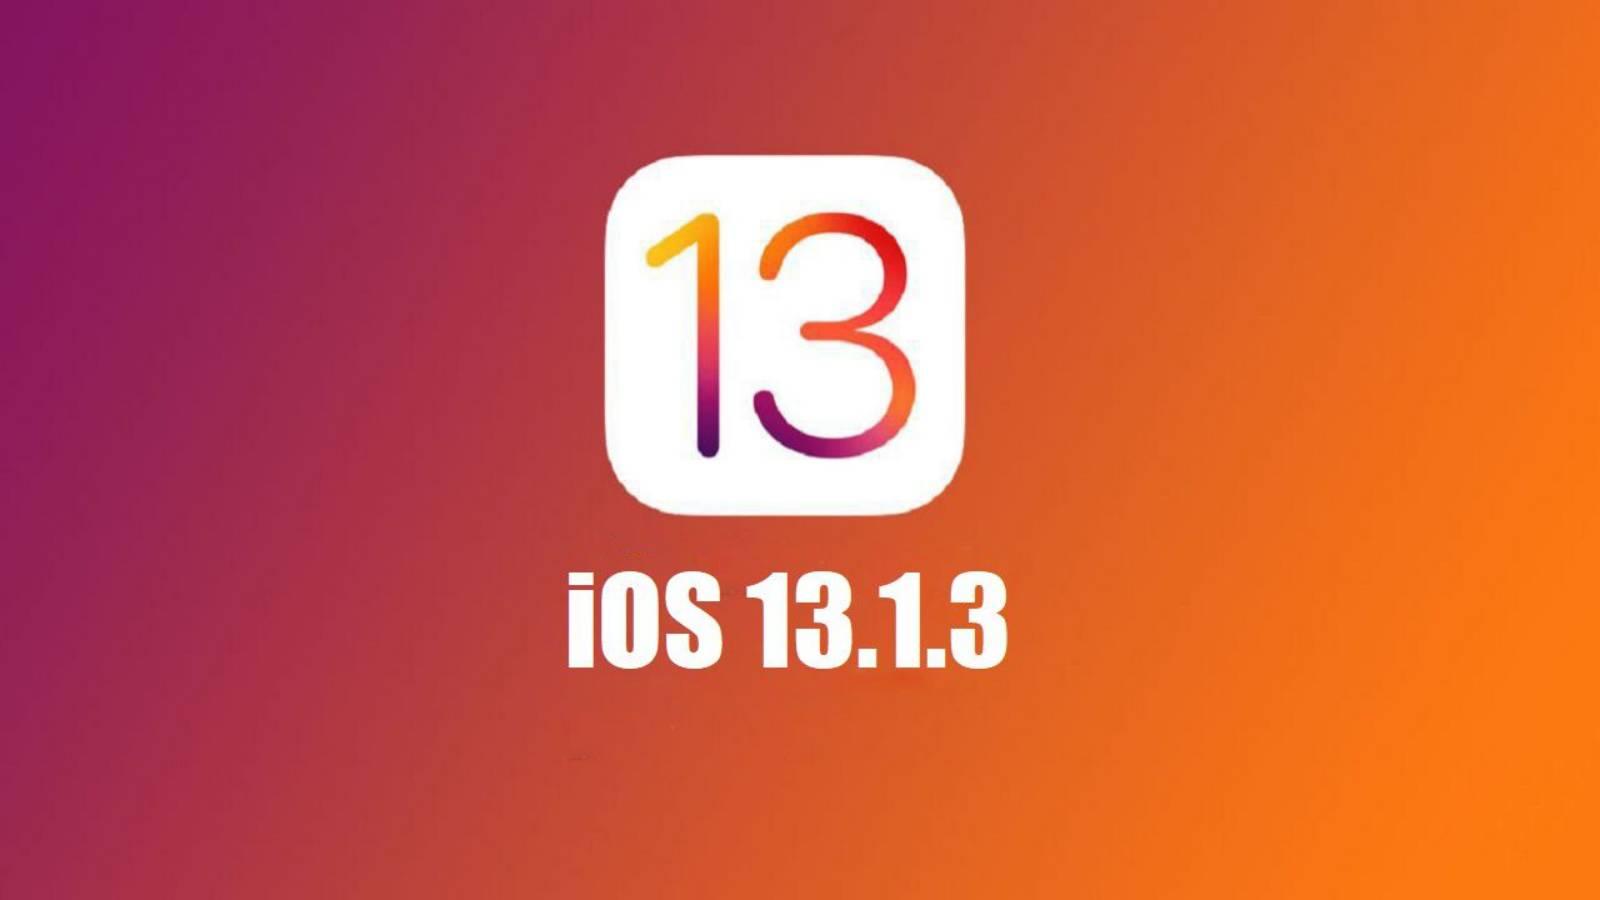 iOS 13.1.3 INRAUTATESTE PROBLEMA ENERVANTA iPhone